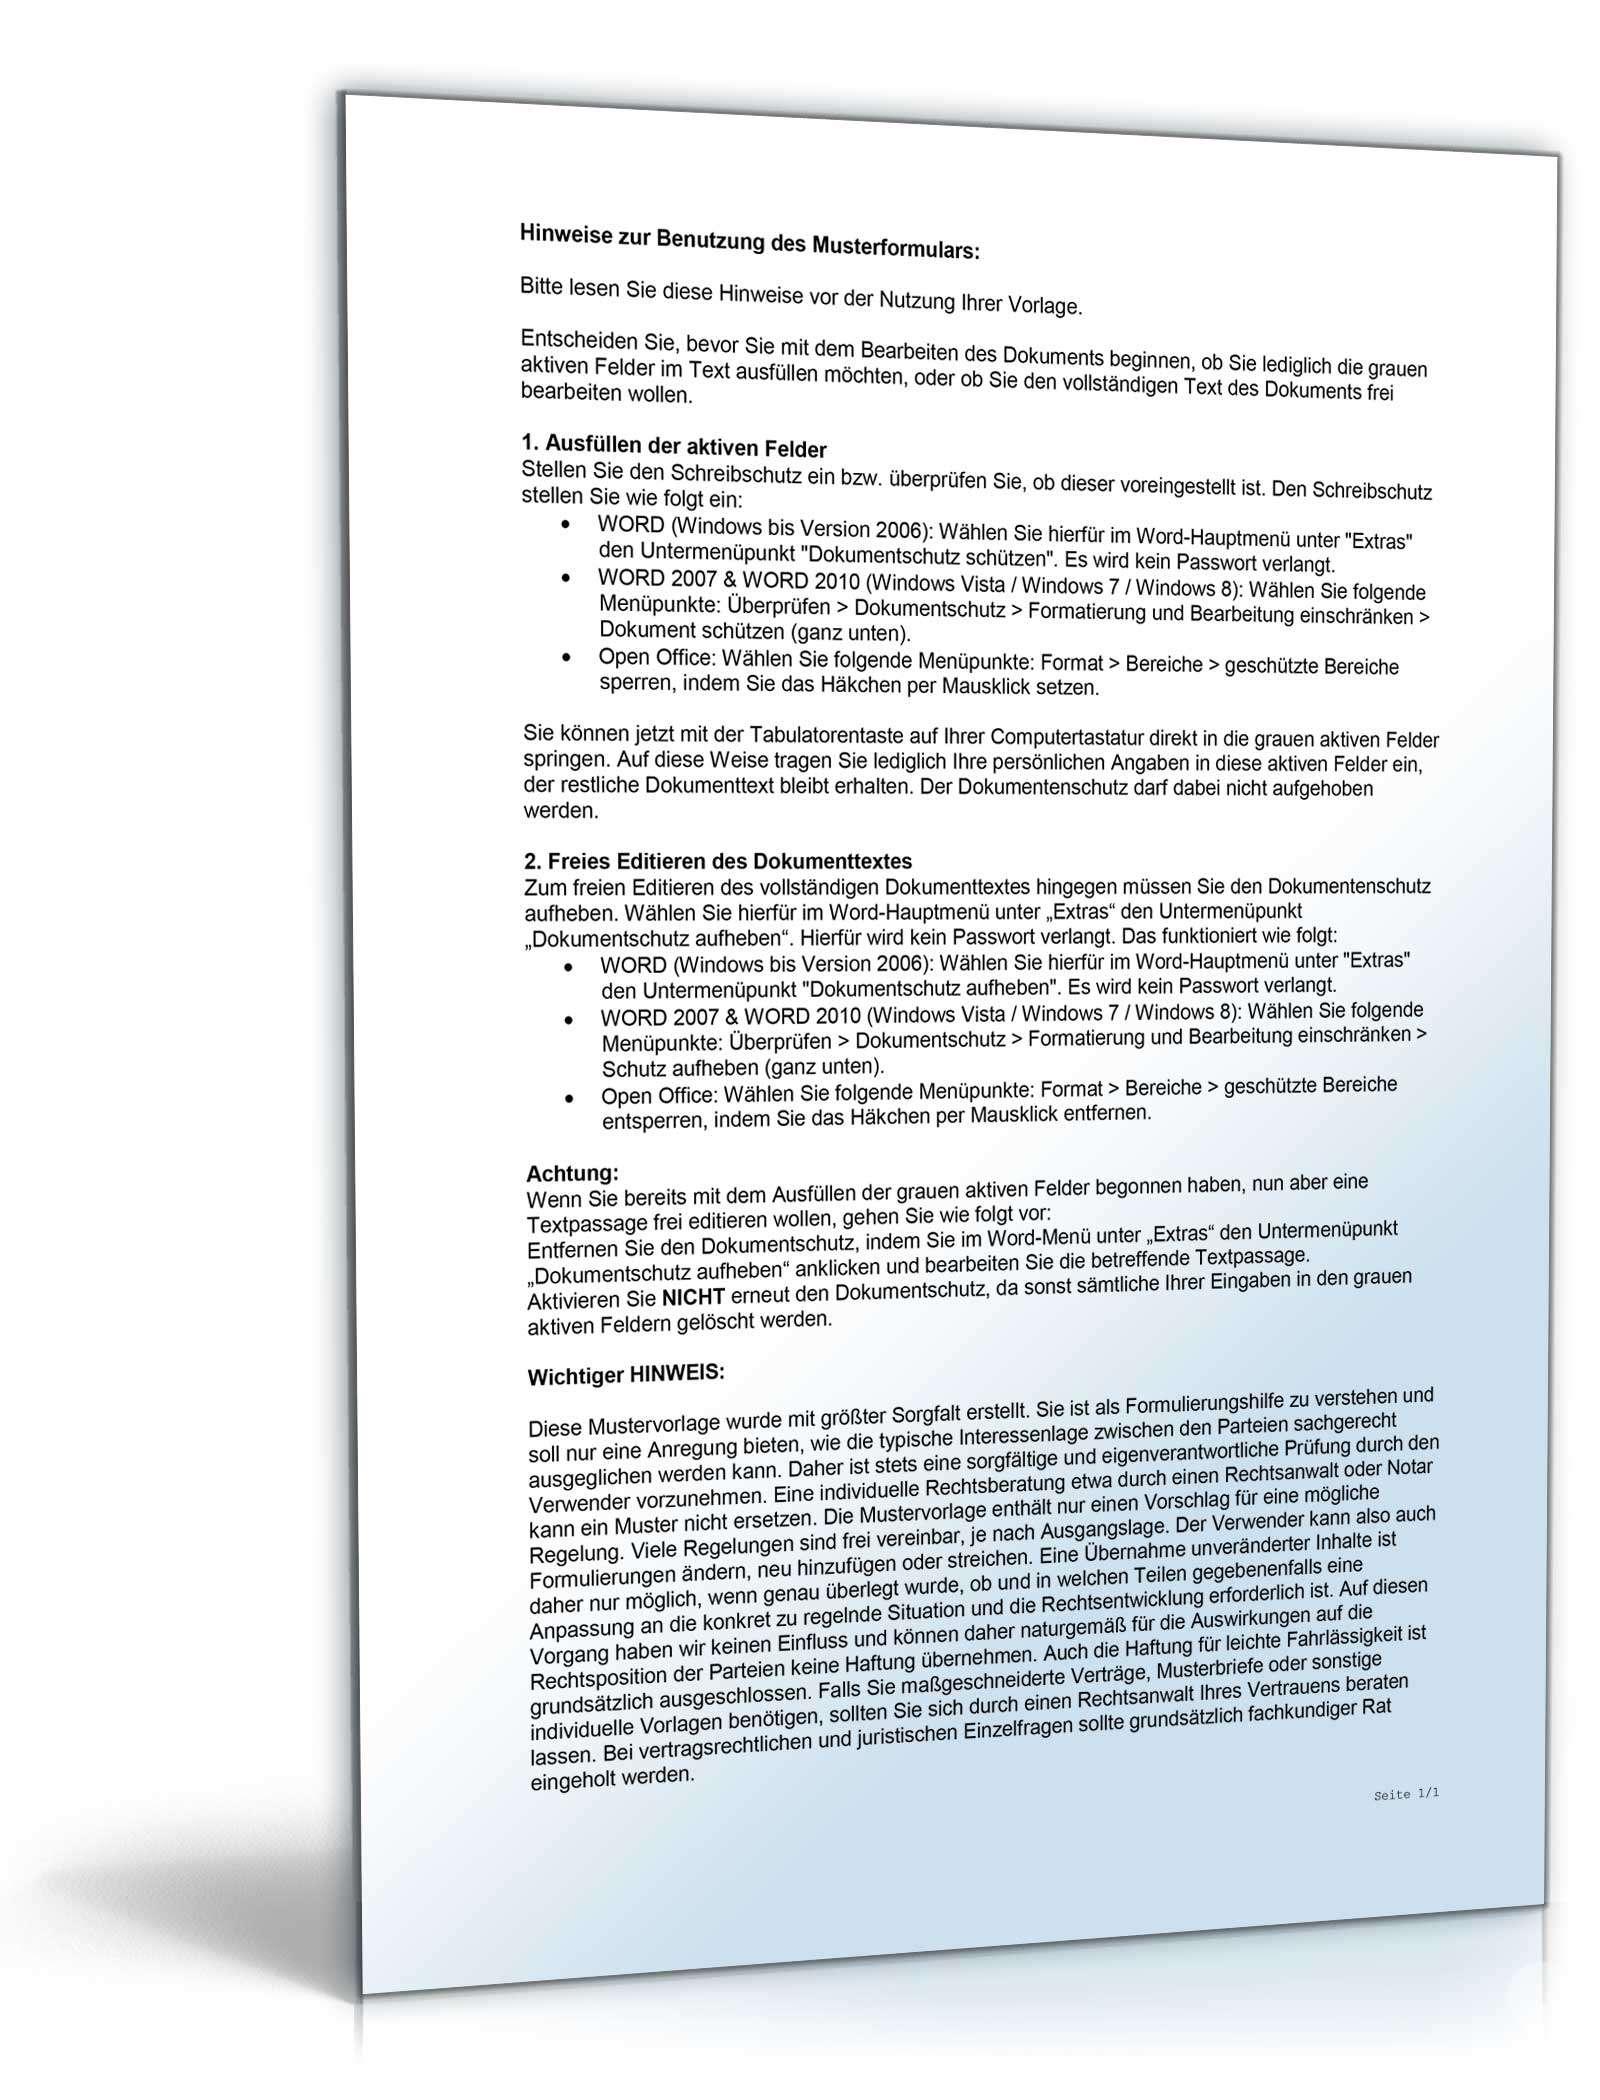 vorlage testament als widerrufstestament mit vordruck. testament1, Einladungen